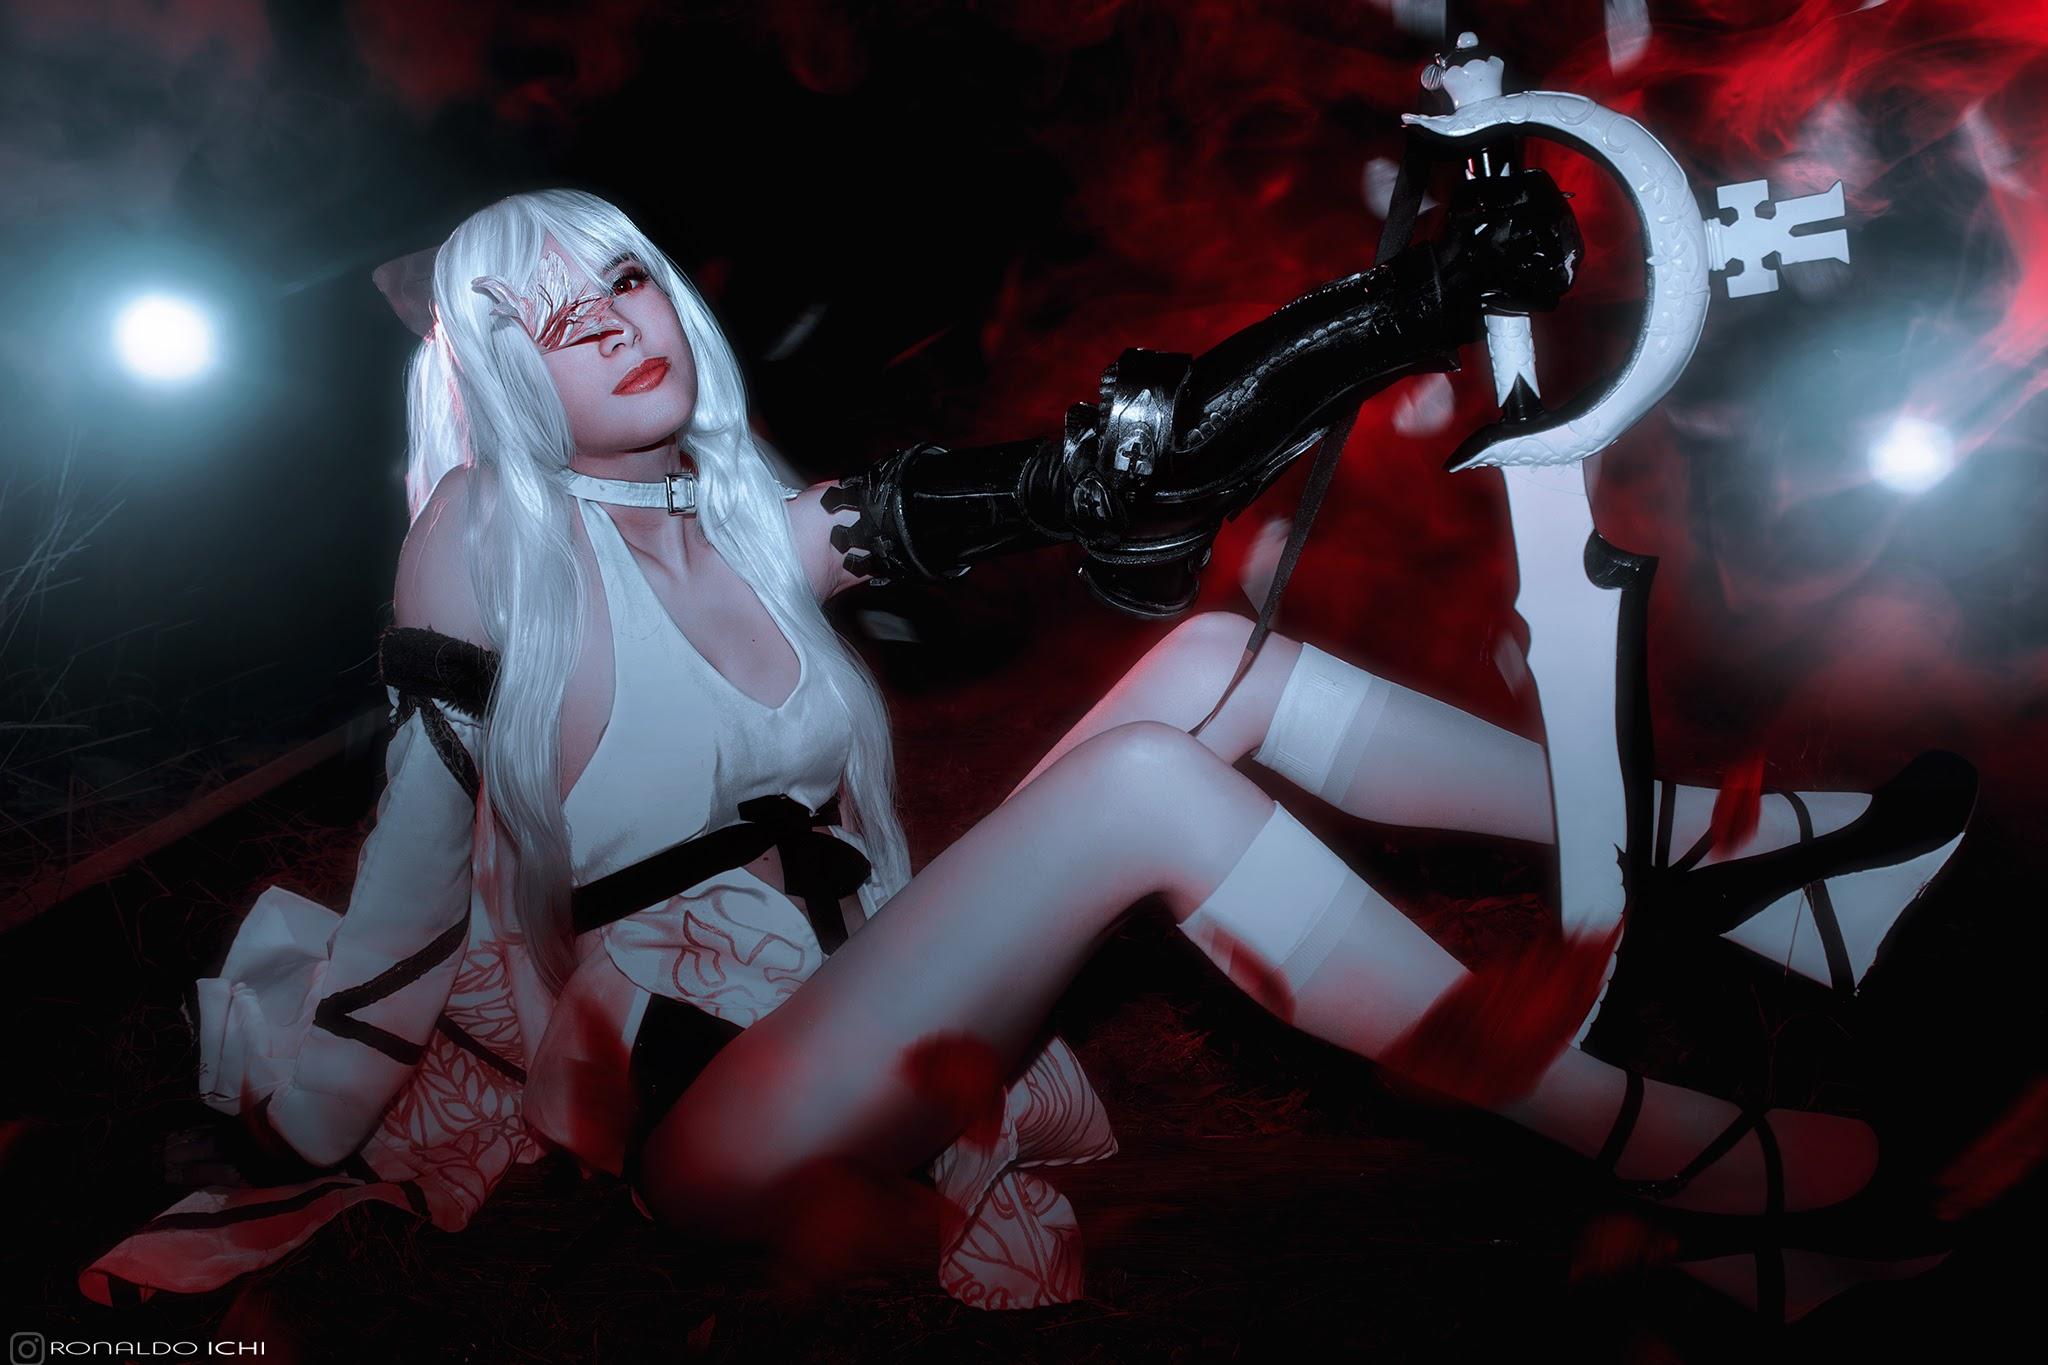 Cosplay Zero Drakengard 3, cosplayer Rizzy, photography Ronaldo Ichi